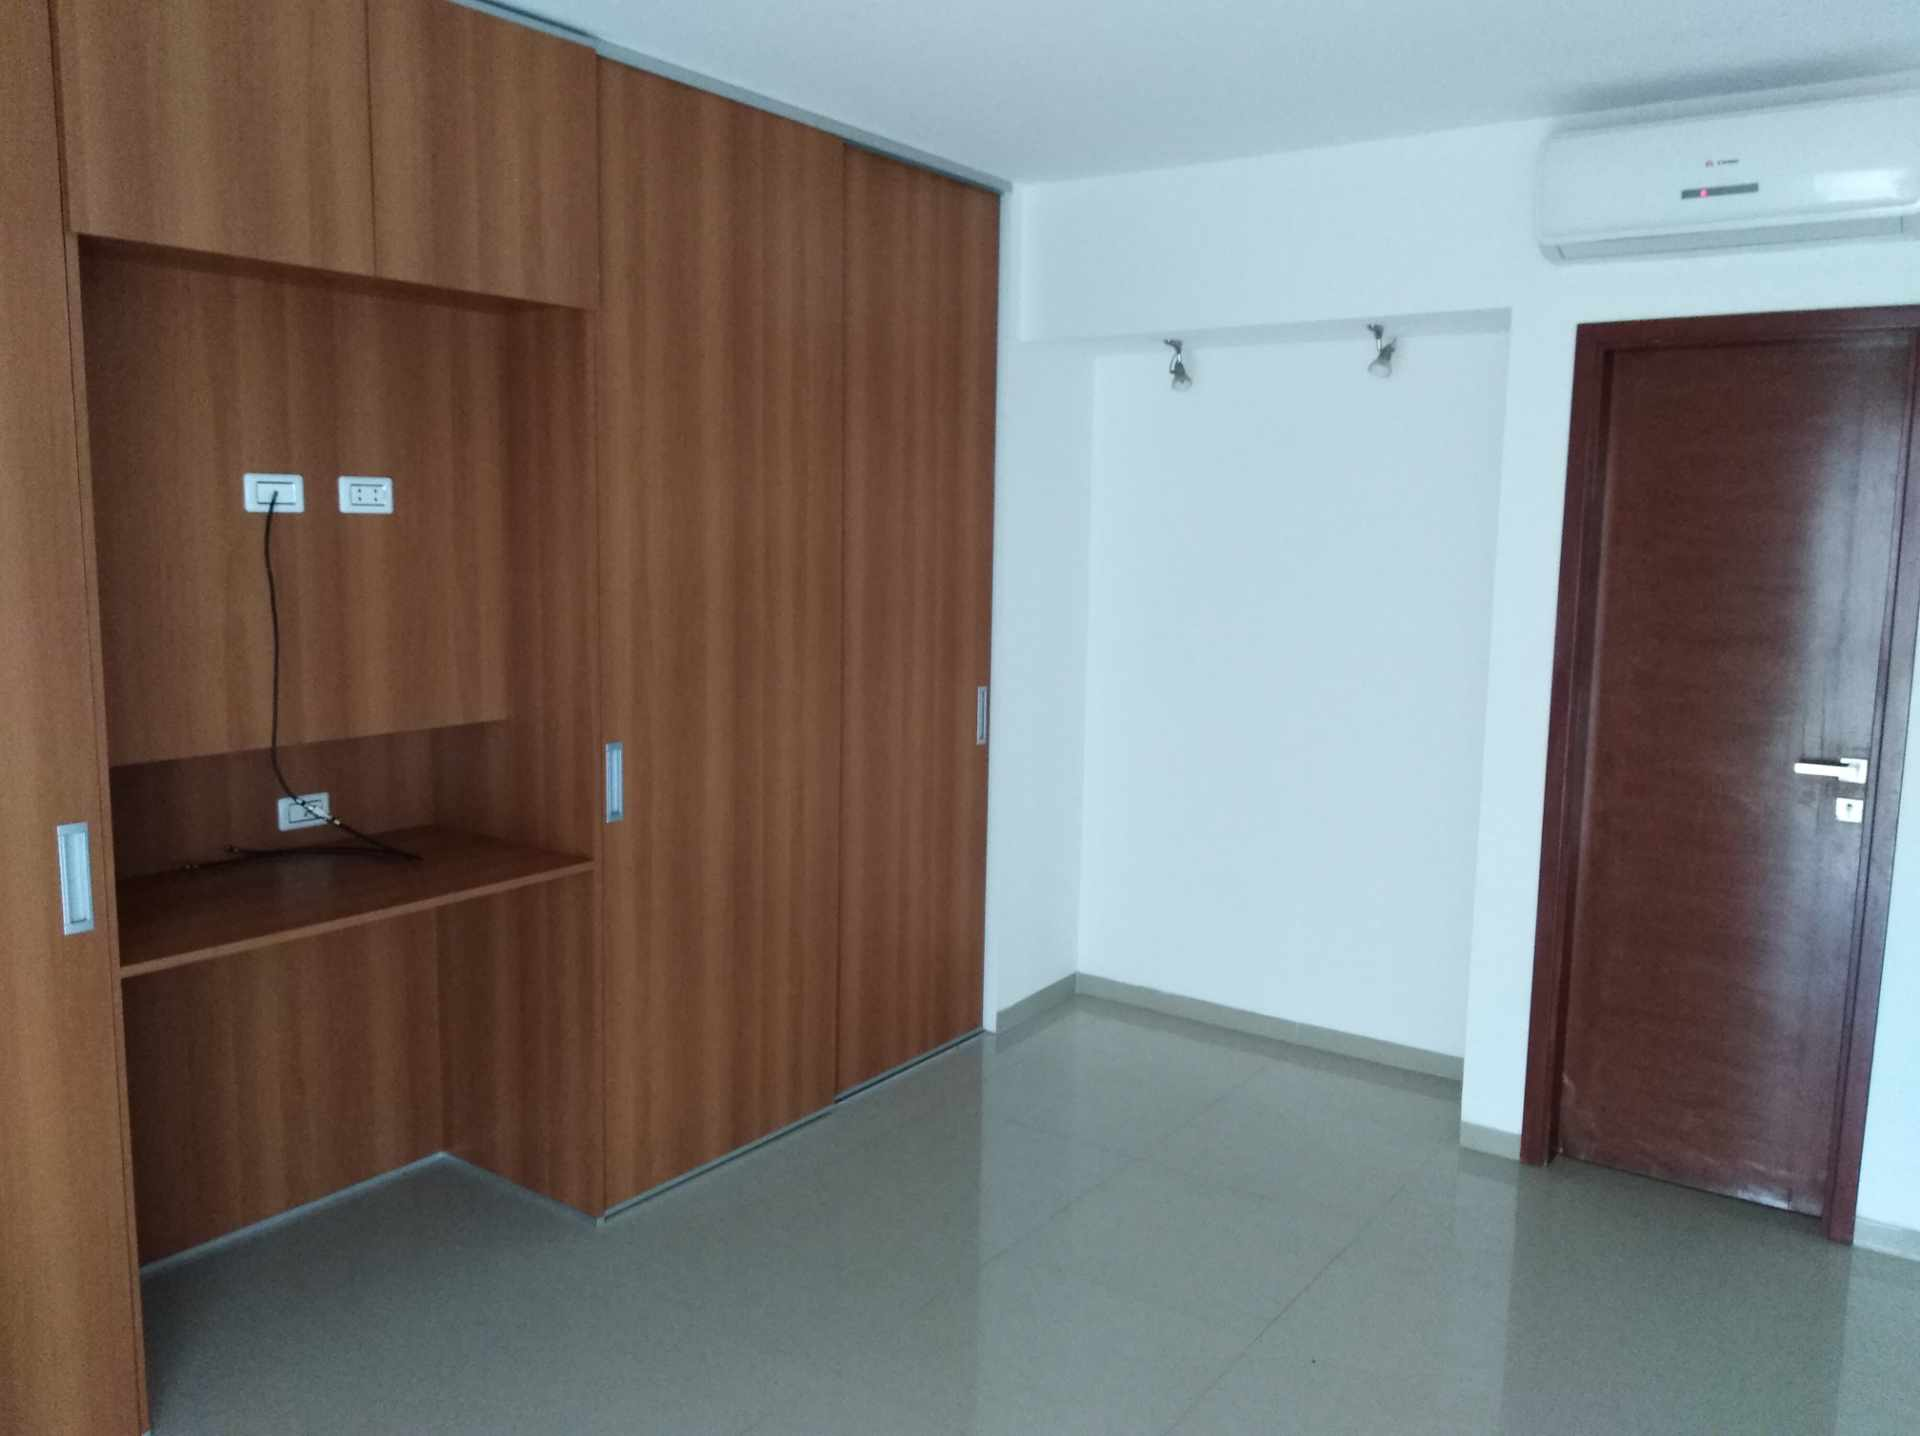 Departamento en Venta Av. Los Cusis, Condominio Mythos, entre Av. Beni y Alemania Foto 8